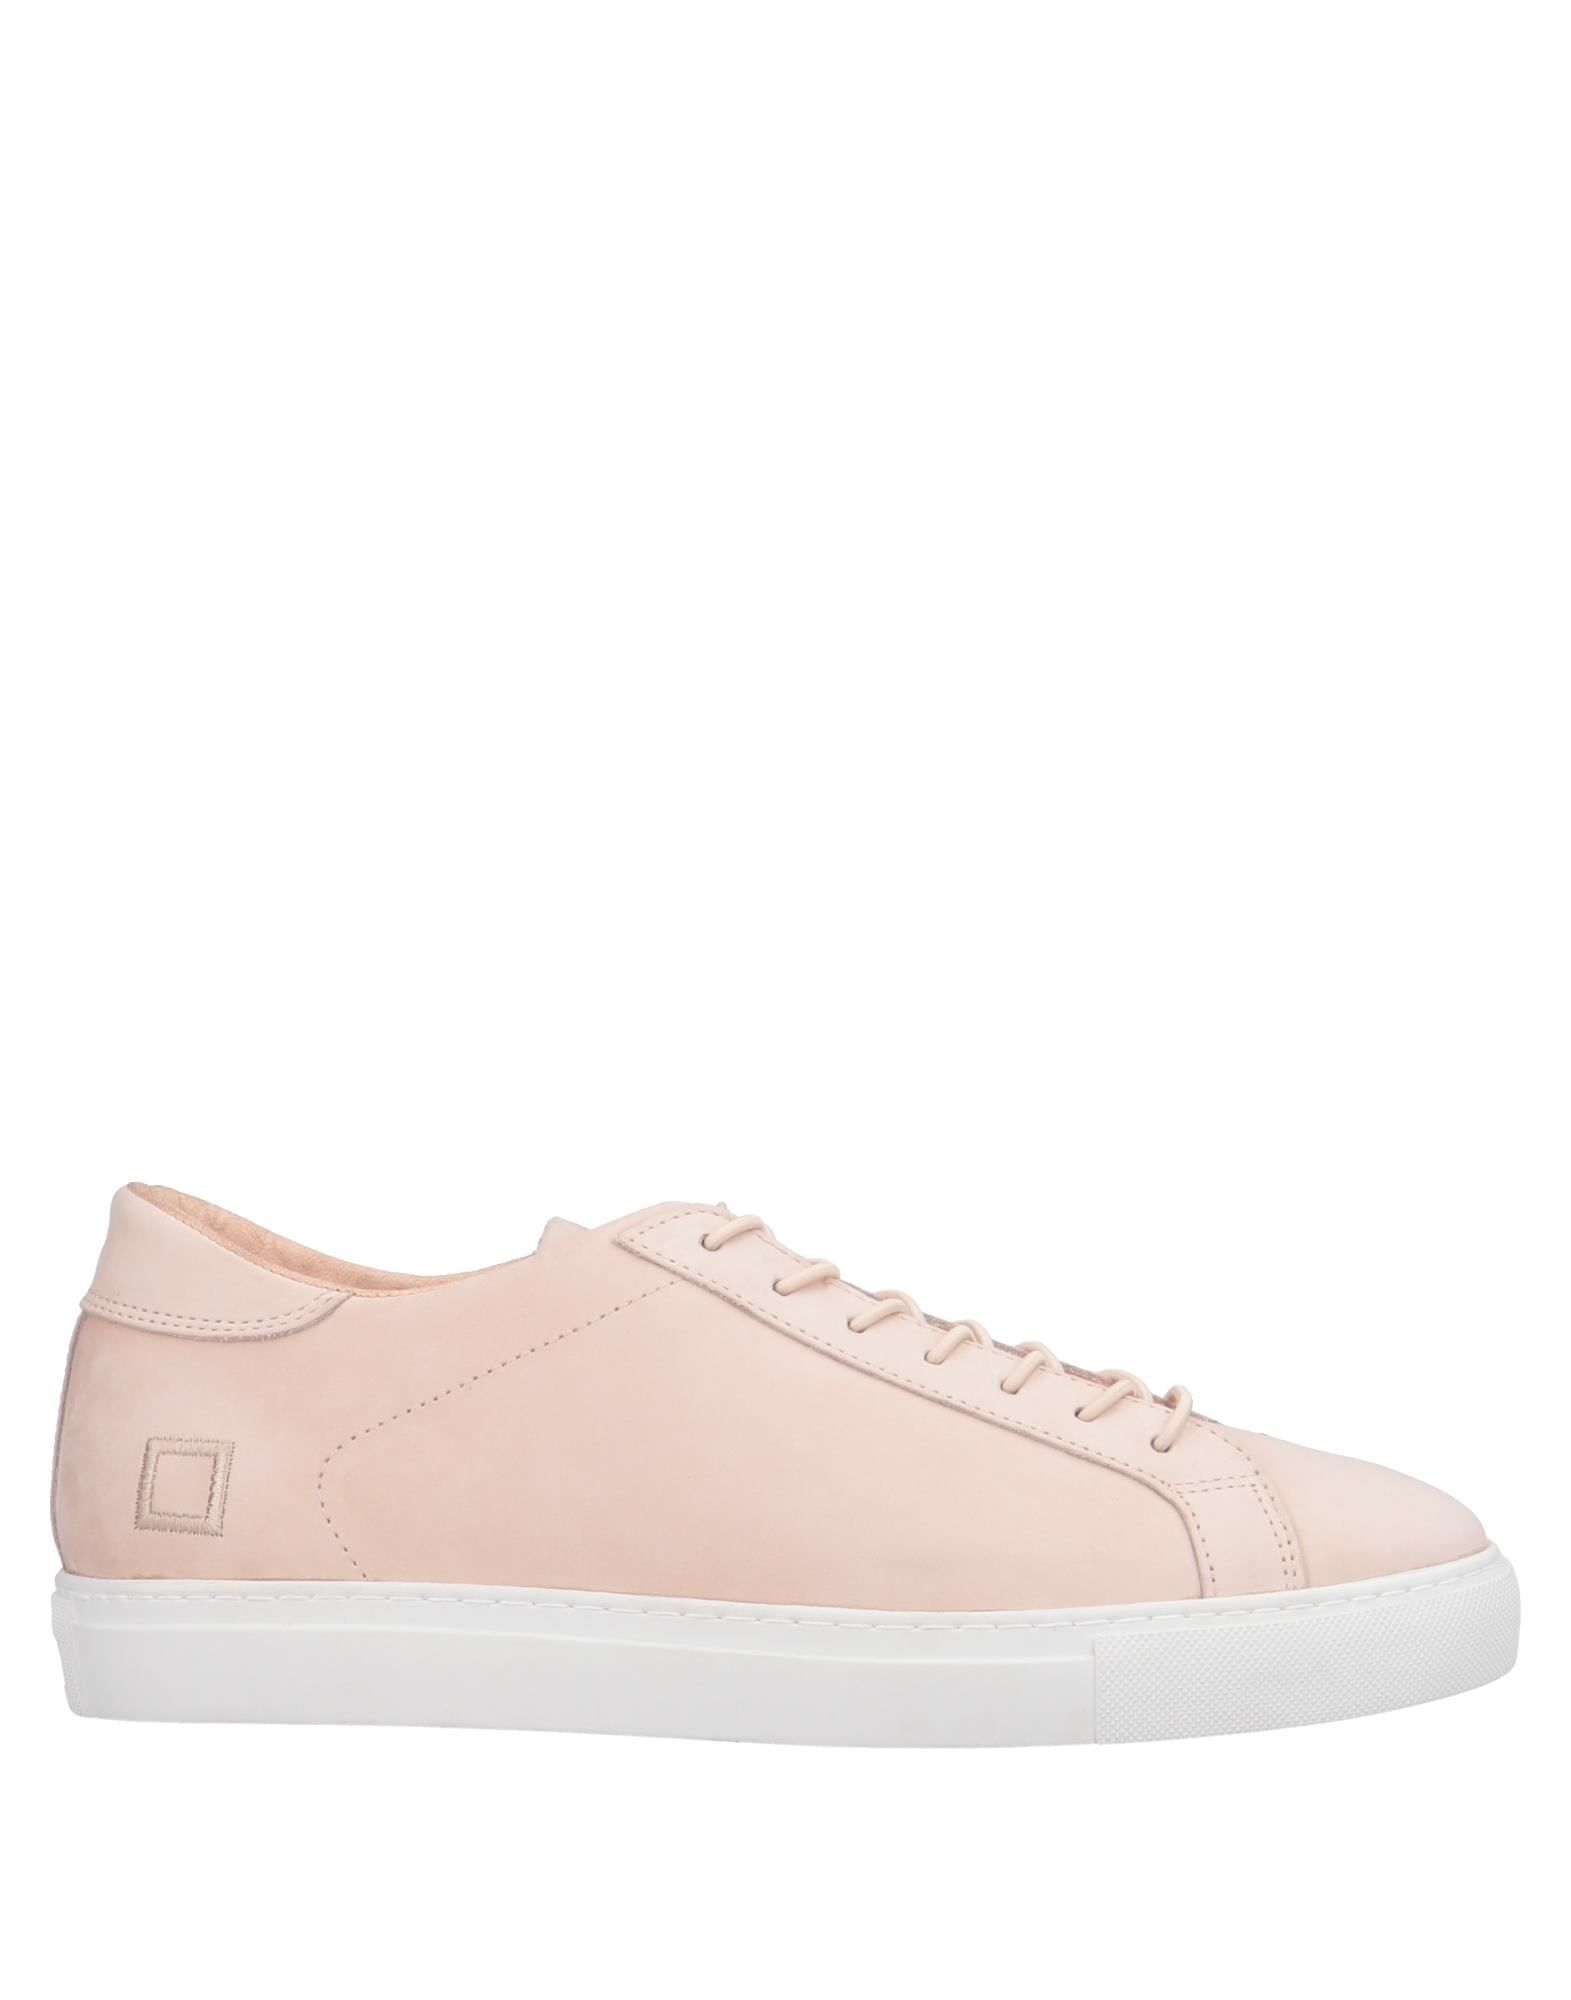 Rabatt echte Schuhe D.A.T.E.  Sneakers Herren  D.A.T.E. 11554652SK e620bd